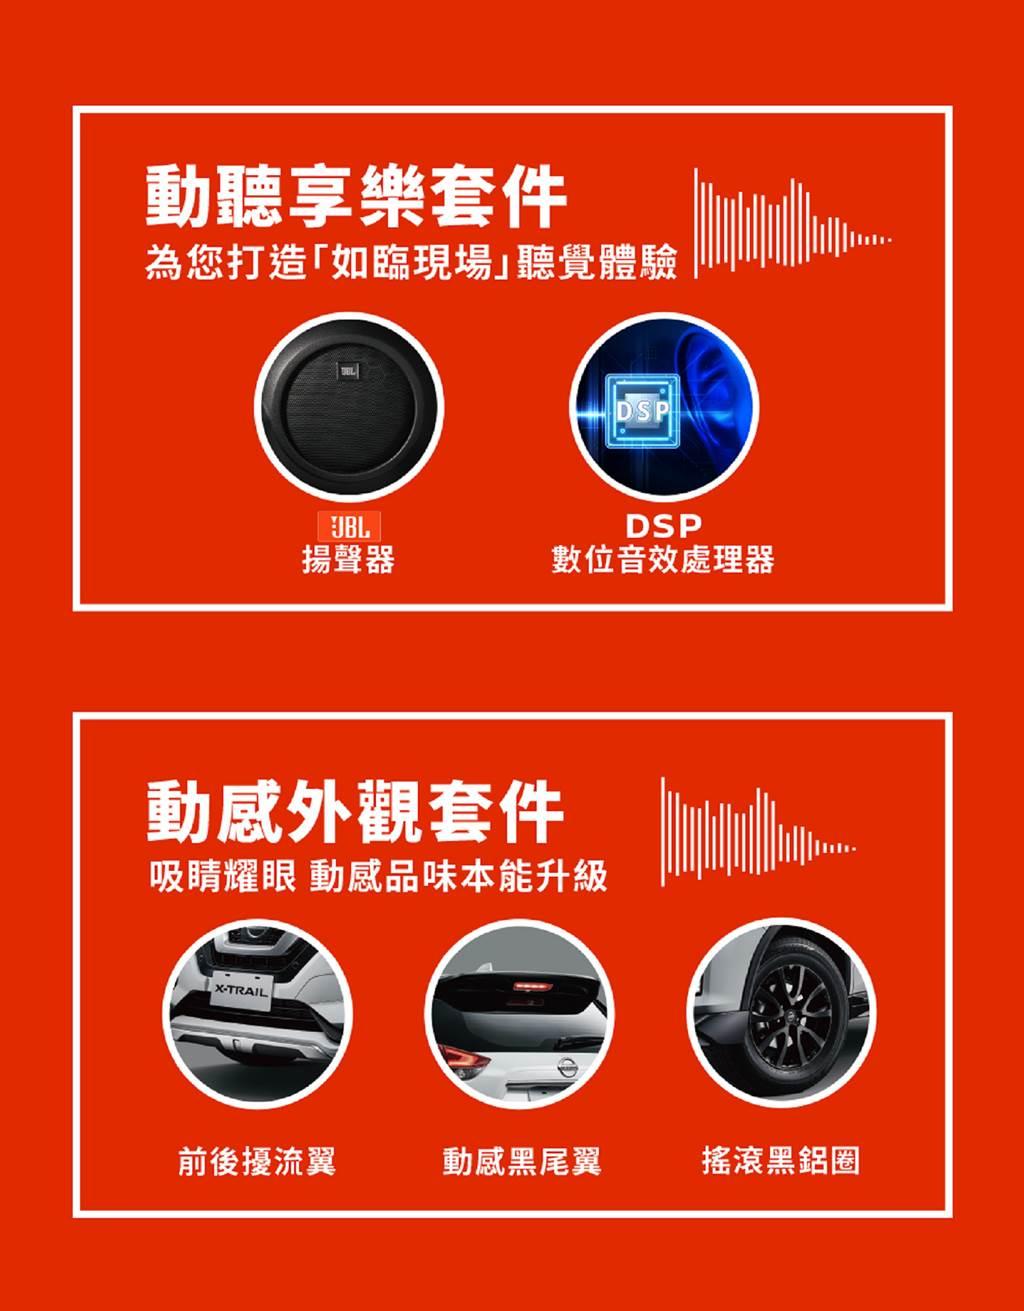 NISSAN X-TRAIL動聽特仕車免費升級價值4.6萬元「動聽享樂套件」與「動感外觀套件」,再享舊換新動聽價93.5萬元起。(圖/裕隆日產提供)